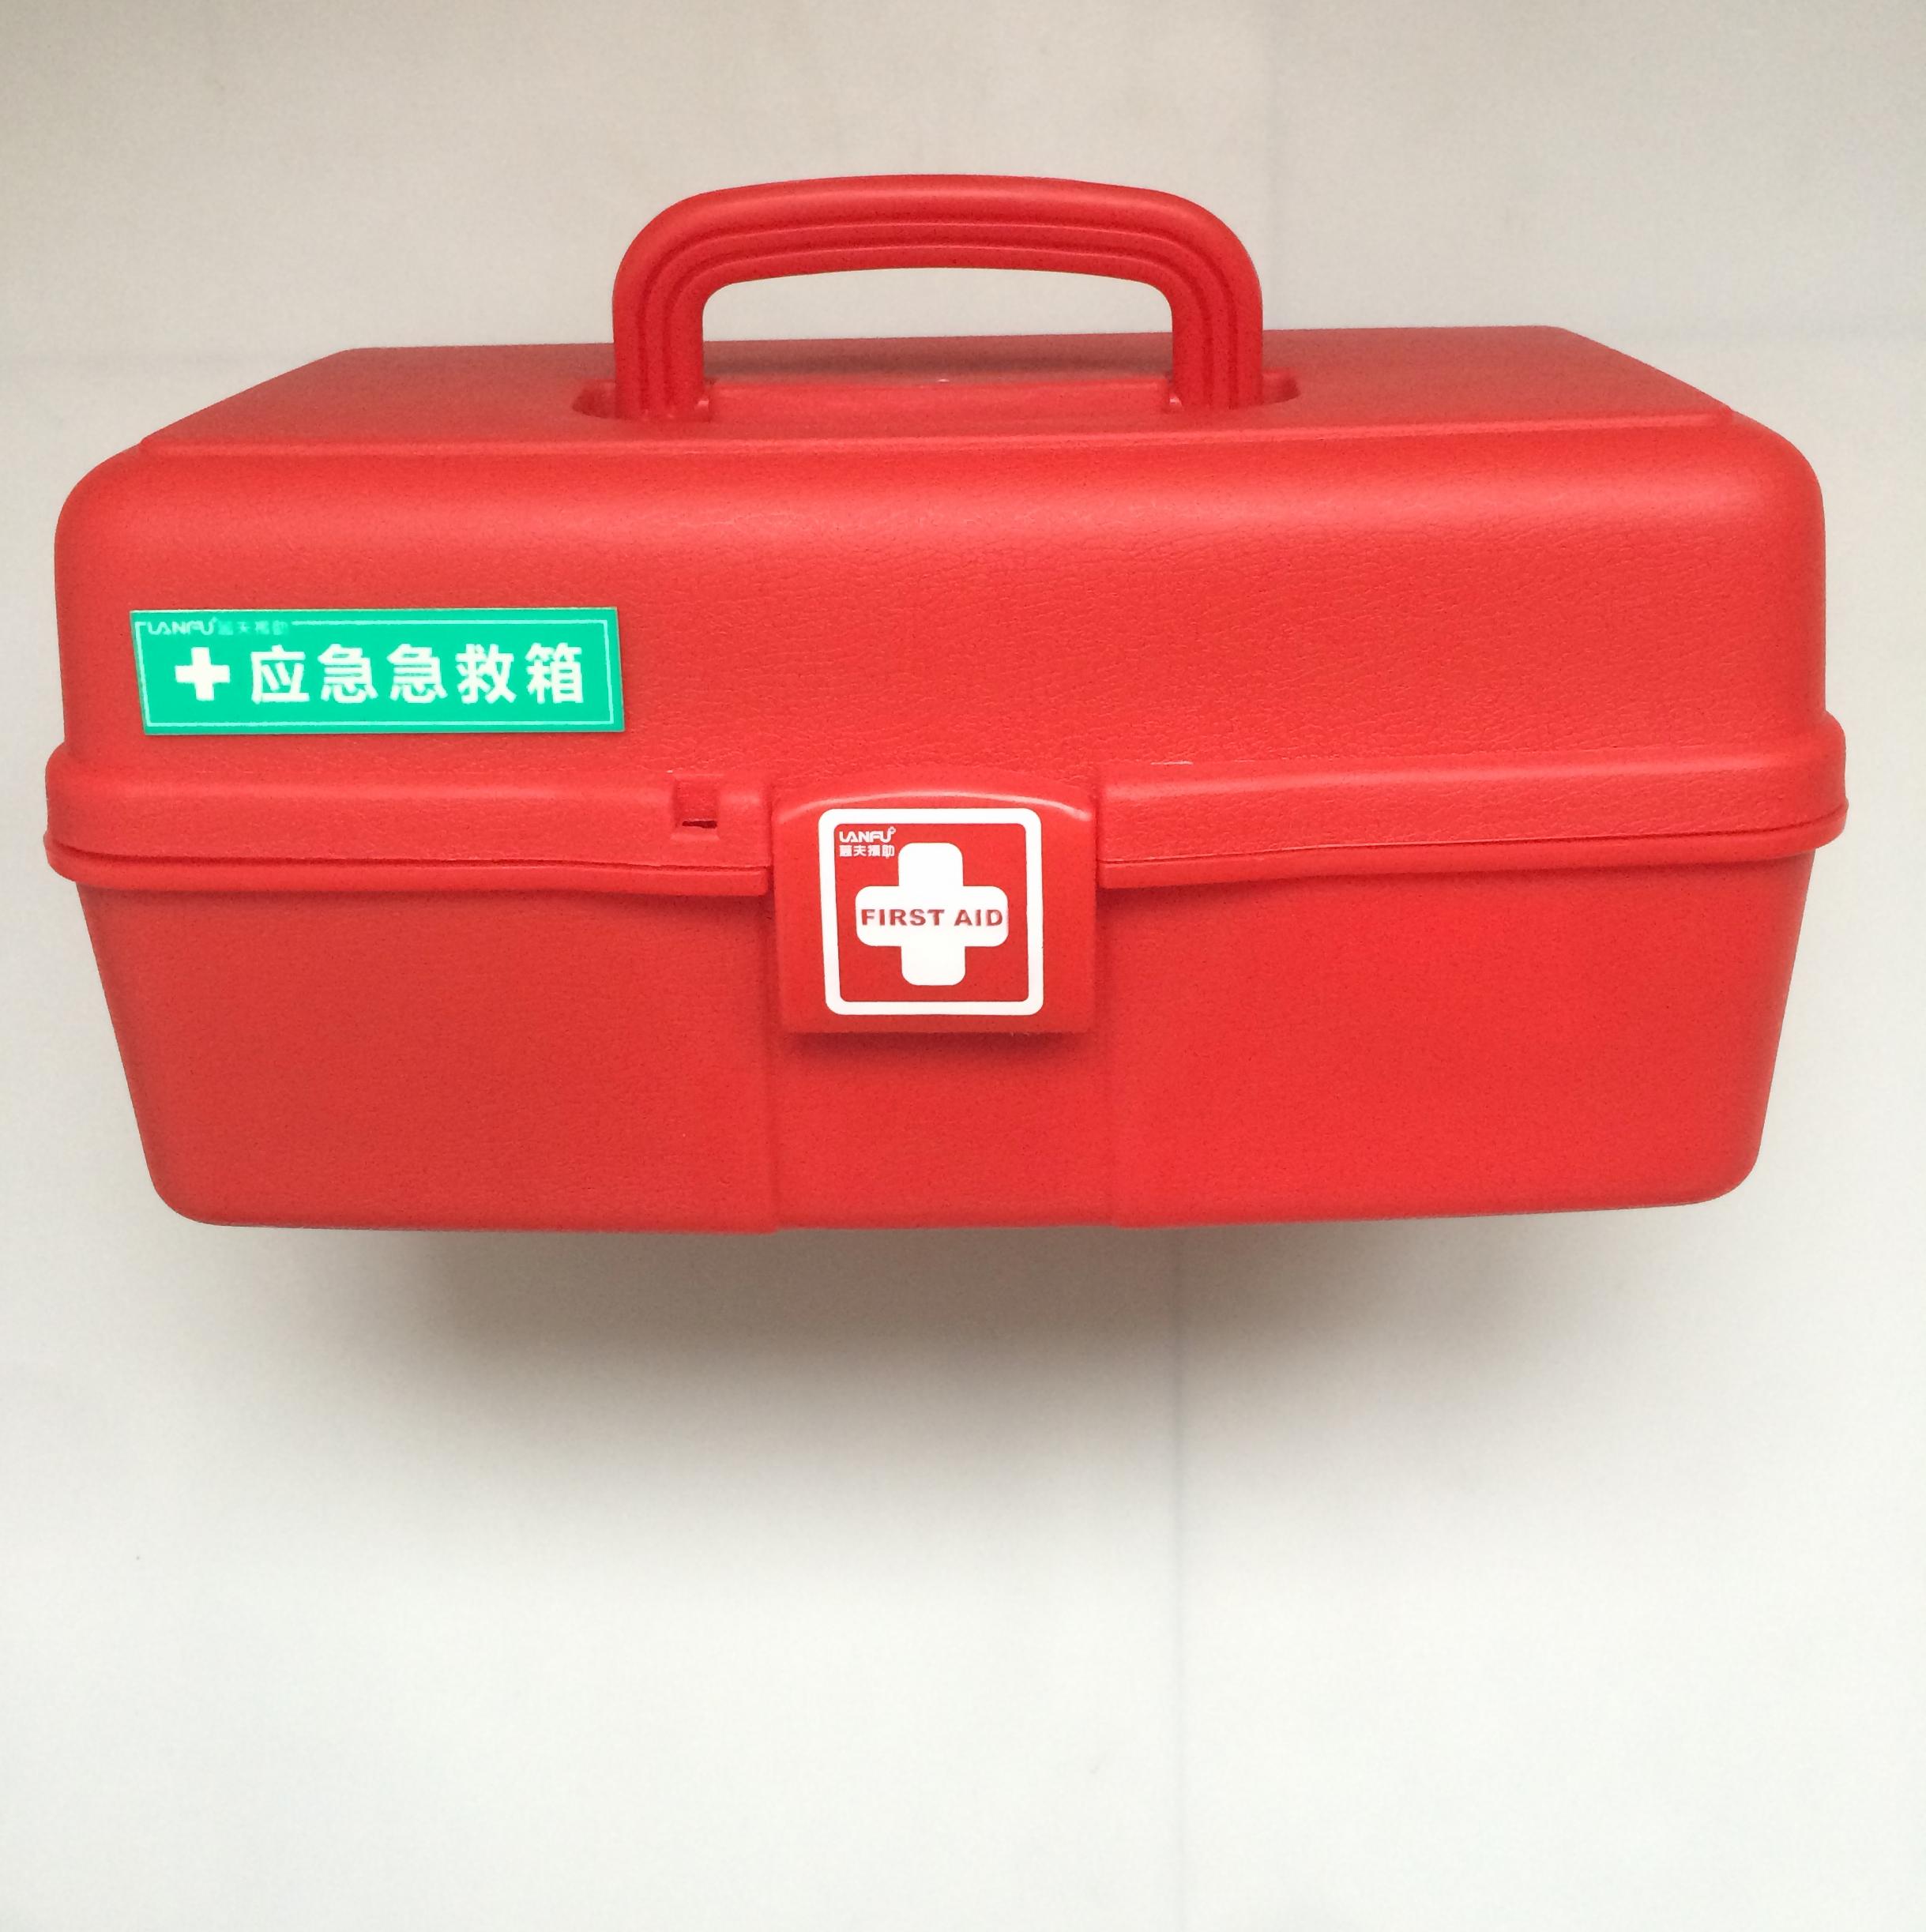 蓝夫LF-12808办公应急急救箱(灰)